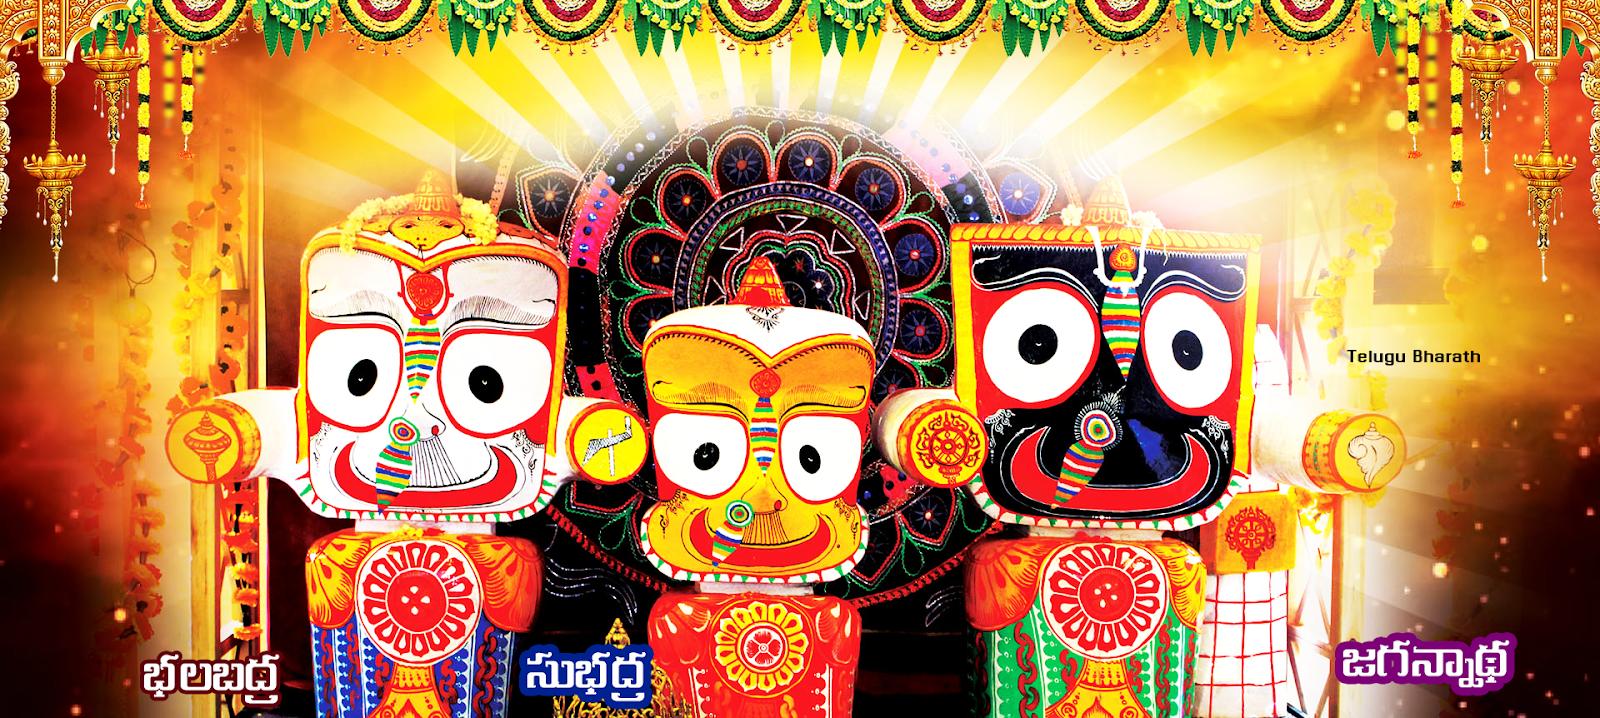 బలభద్ర, సుభద్ర, జగన్నాథులు